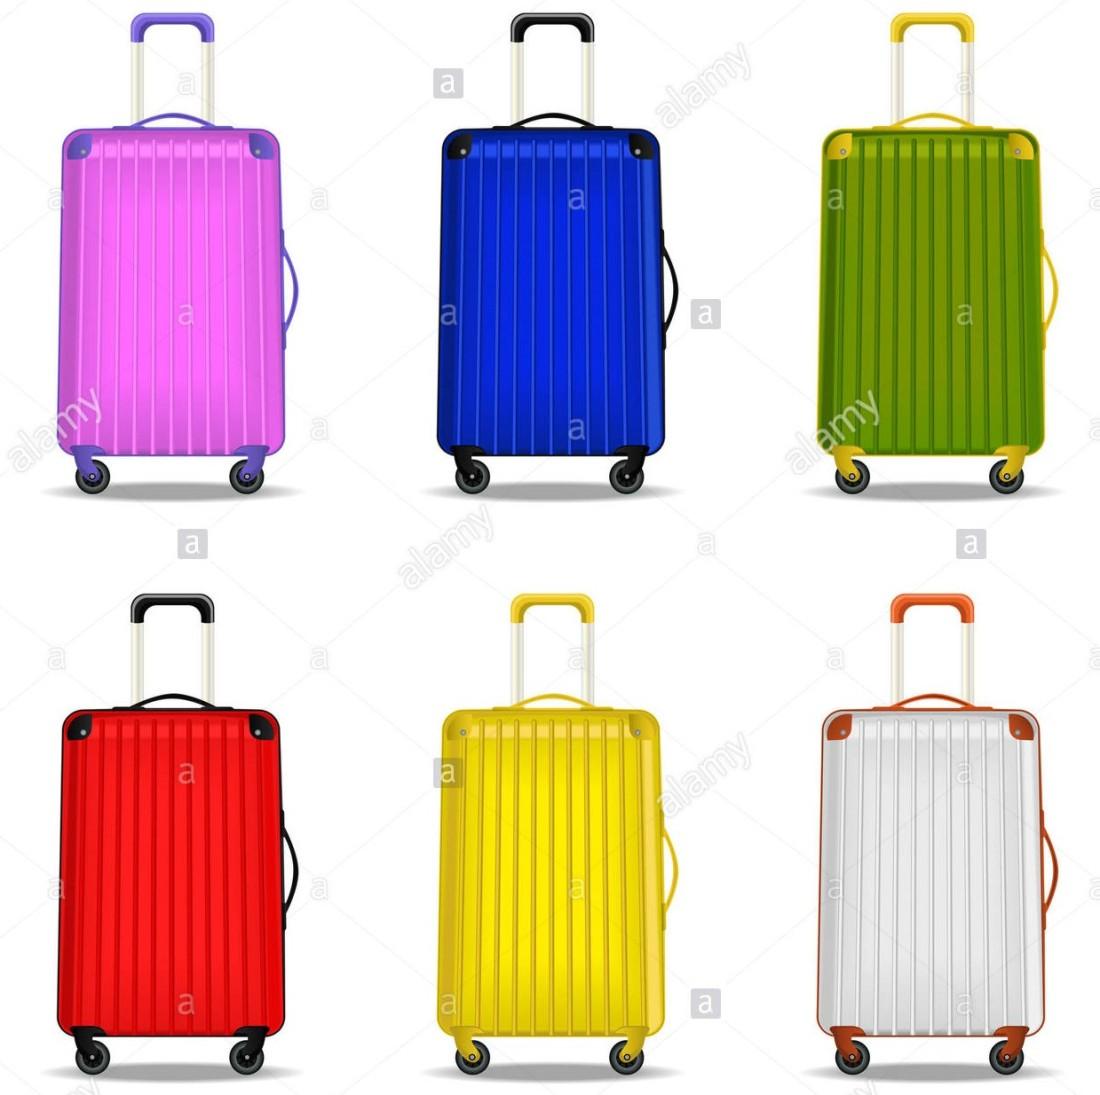 six suitcases.jpg